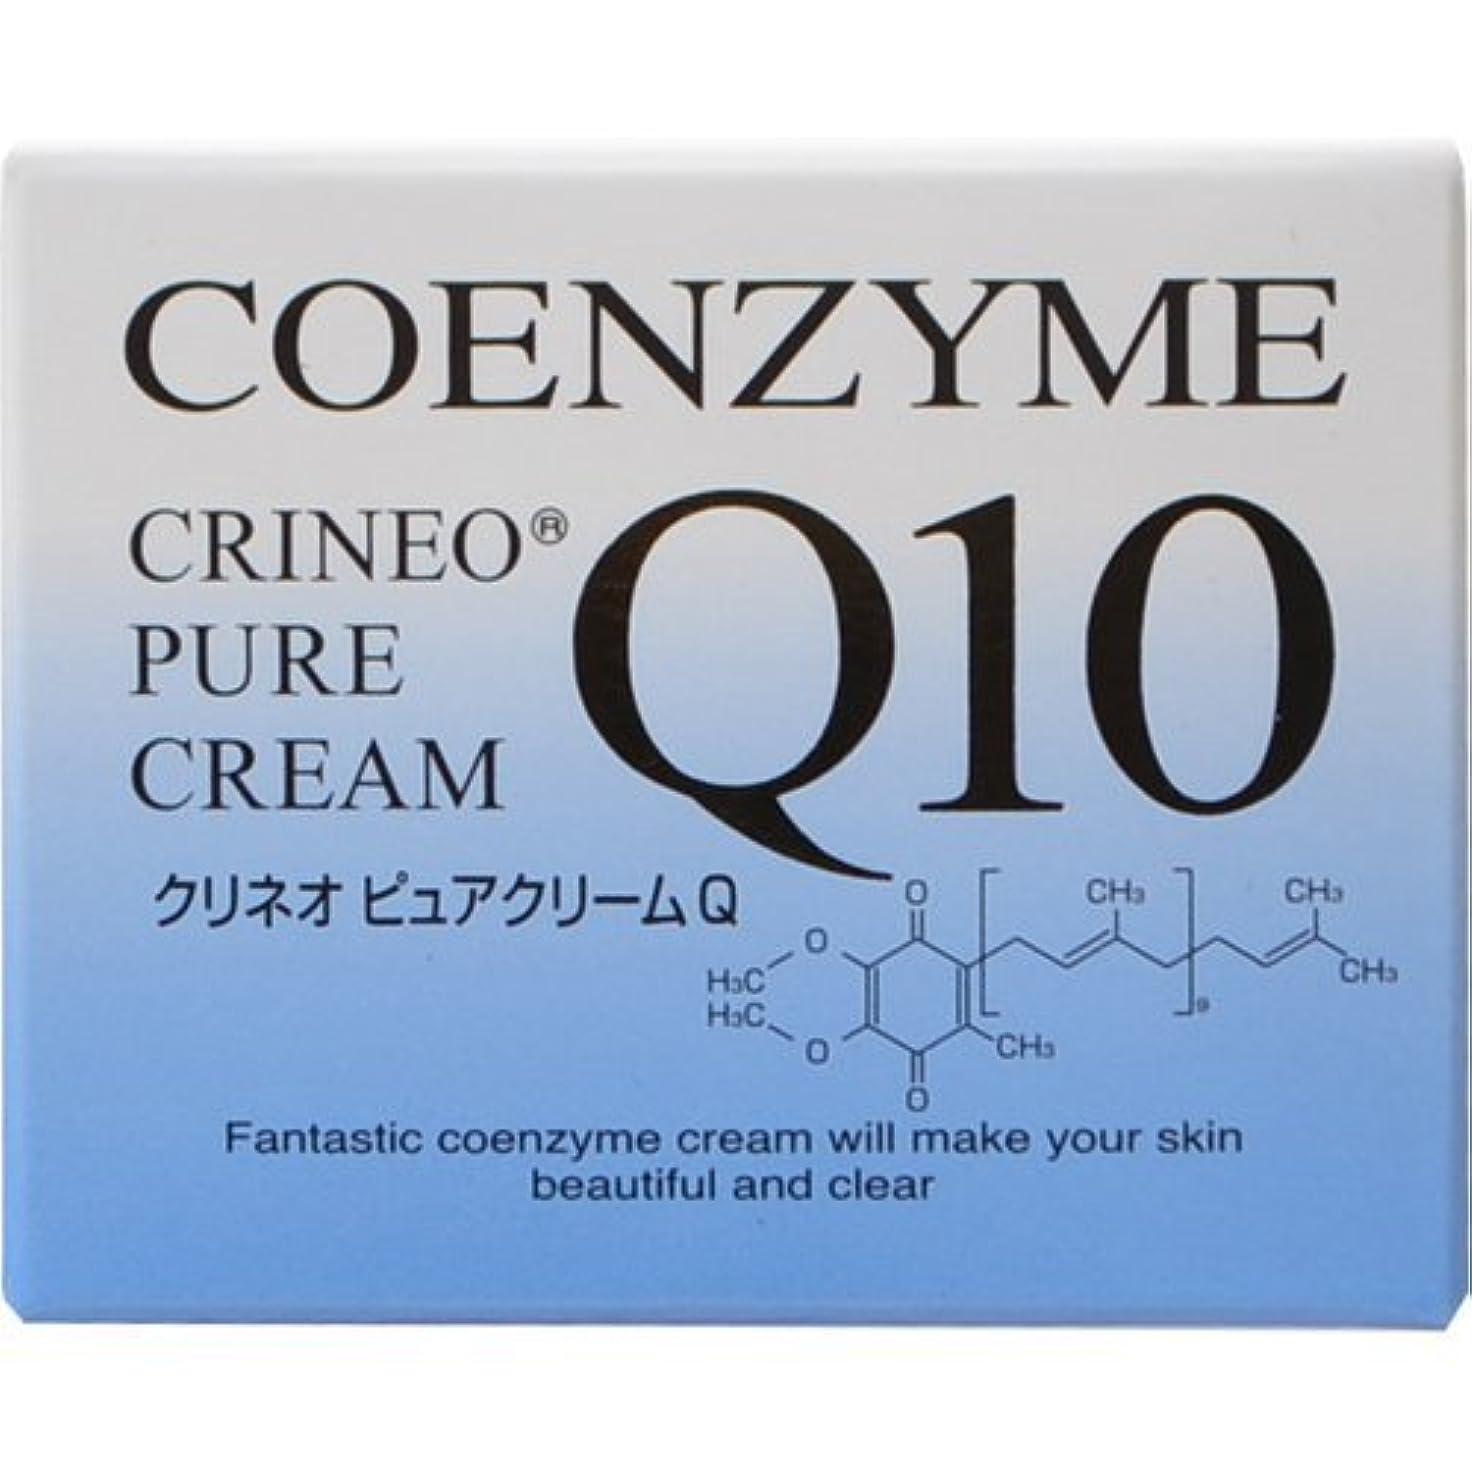 プロテスタントフライカイト肘掛け椅子クリネオ ピュアクリームQ コエンザイムQ10を配合した浸透型の保湿クリーム